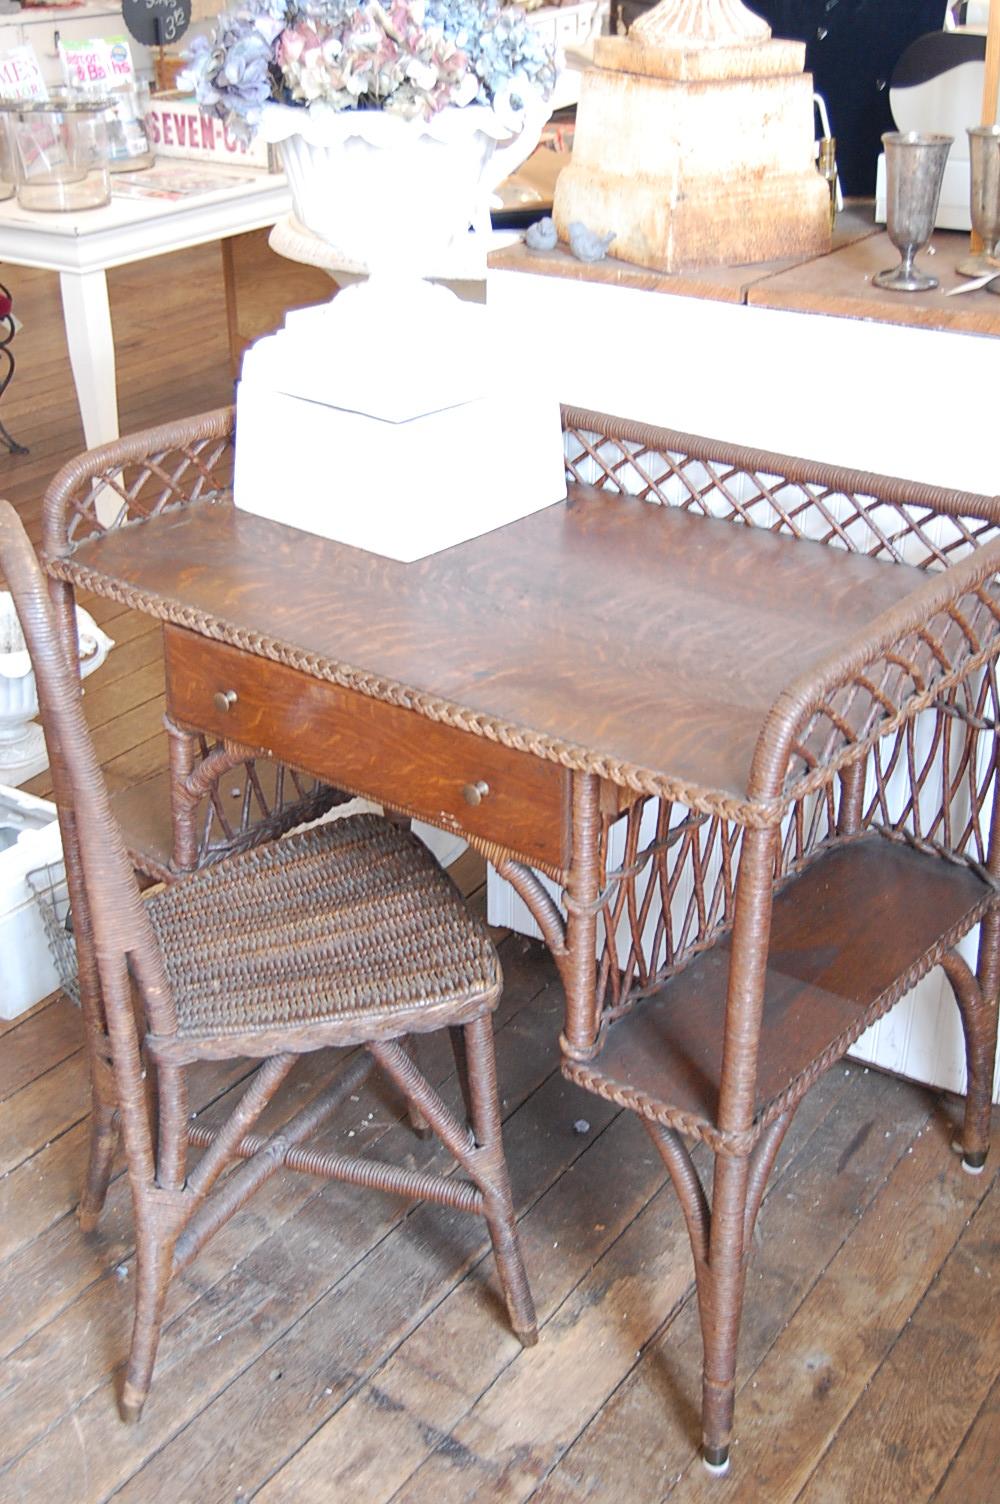 Antique Wicker Desk Antique Furniture - Antique Wicker Office Chair - Antique Wicker Desk Antique Furniture